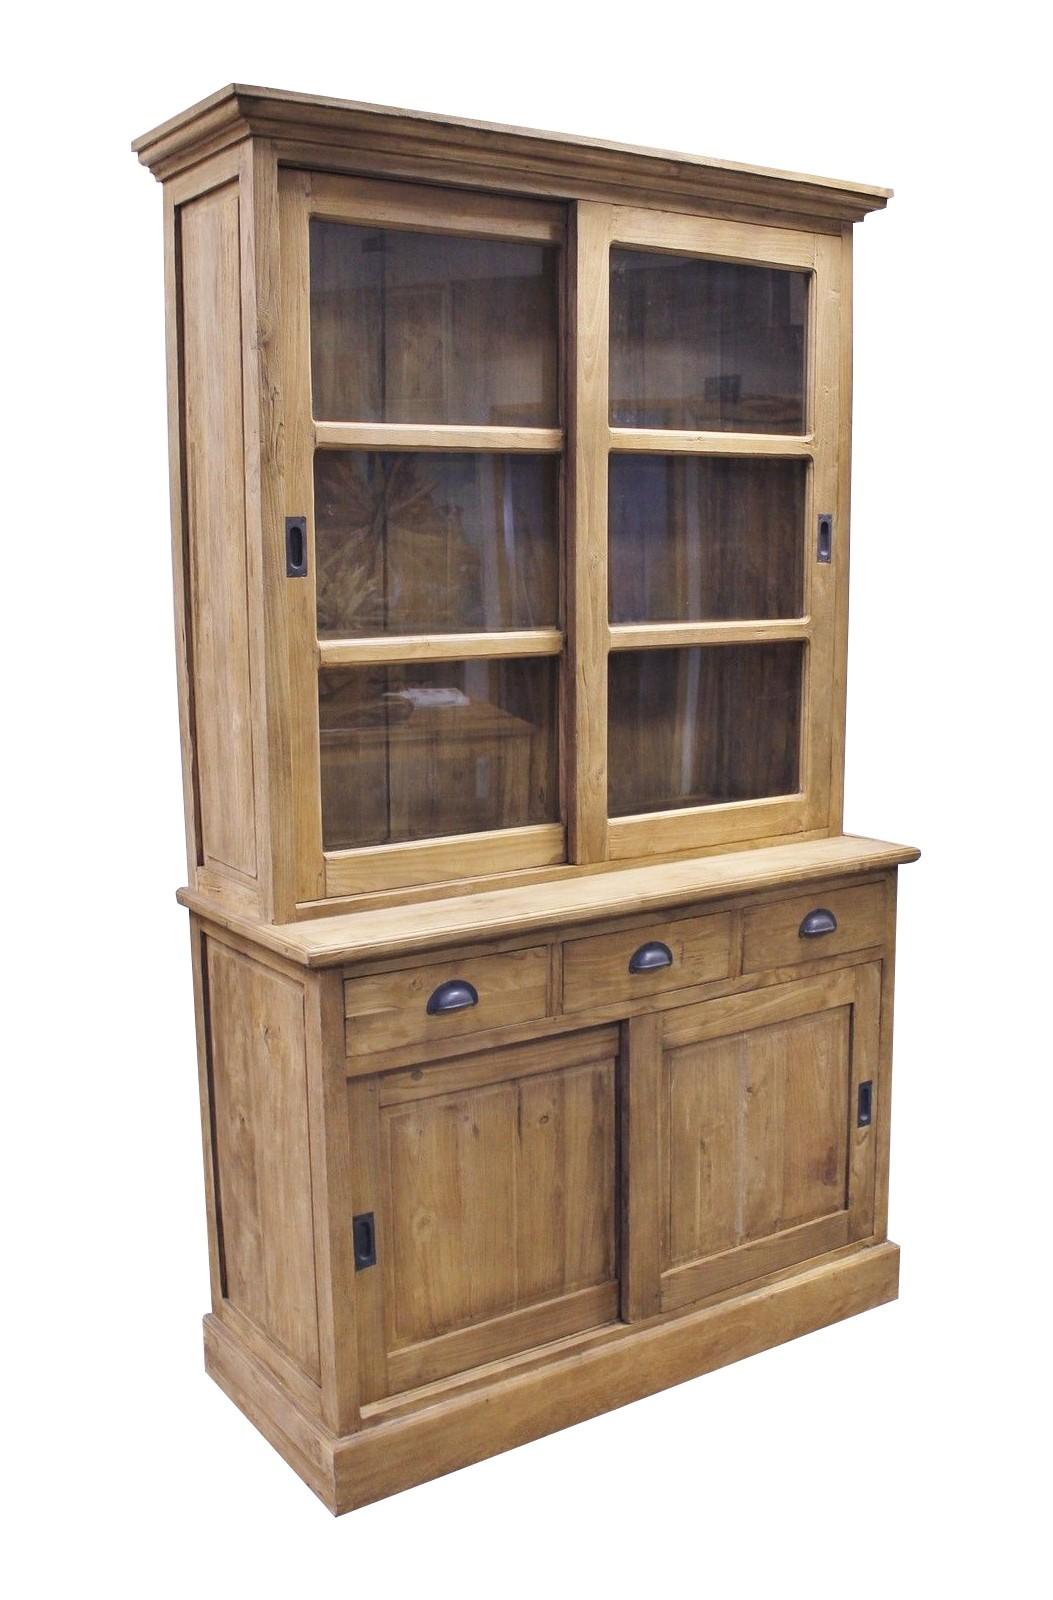 teak buffet se46 3 100 240 cm vollwaren. Black Bedroom Furniture Sets. Home Design Ideas